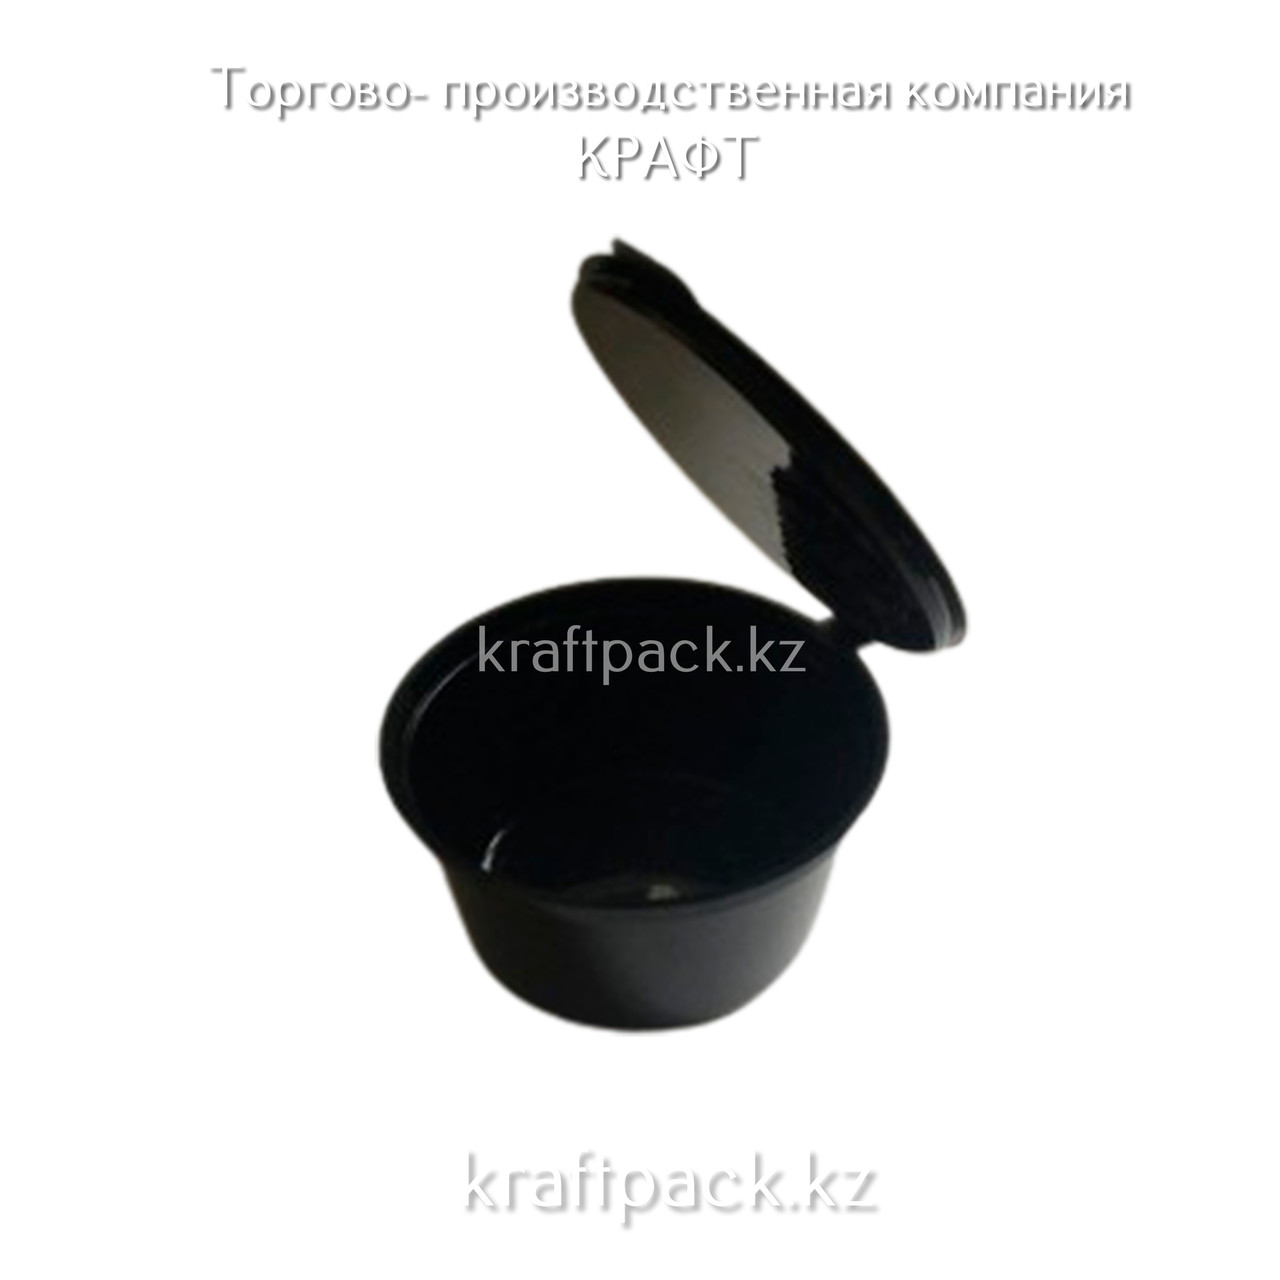 Соусник пластиковый с совмещенной крышкой ЧЕРНЫЙ 50 мл (80/1200)